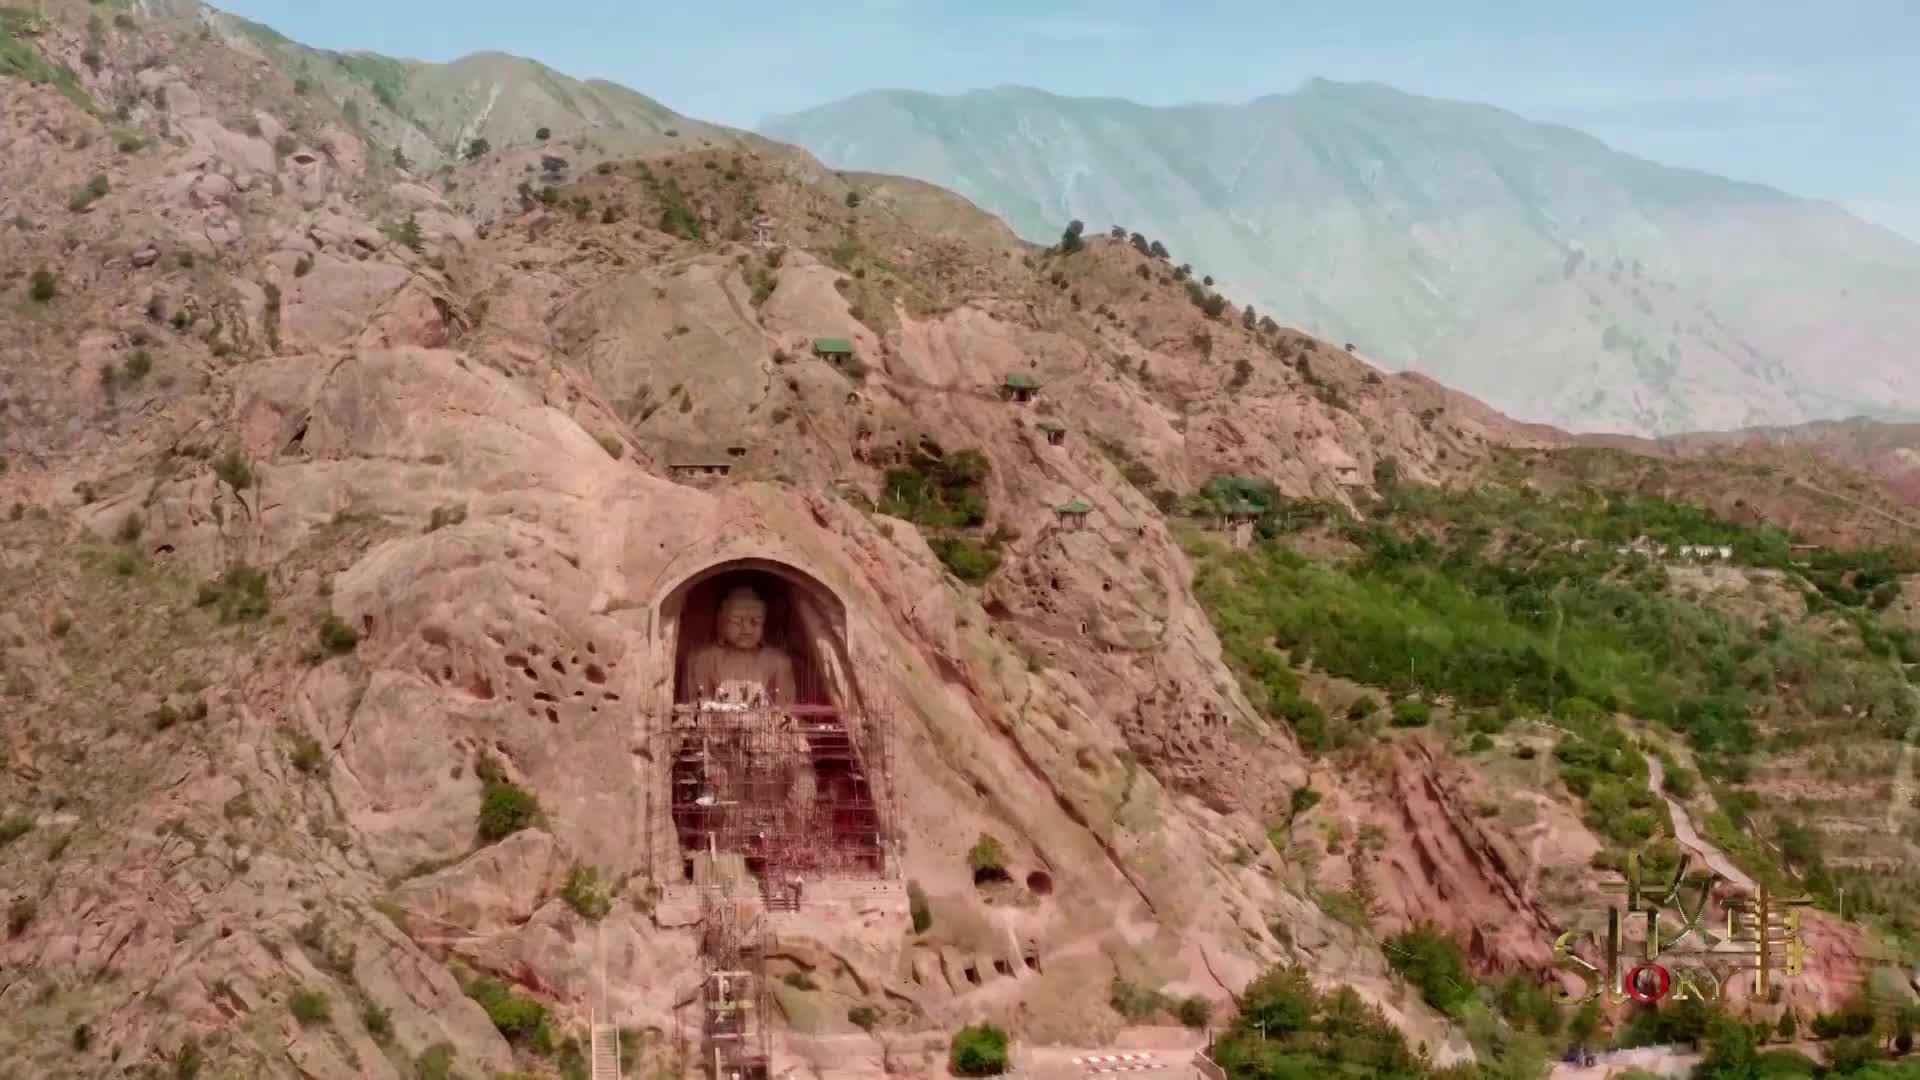 一窟一时代,1500年前的须弥山石窟,从这里走向艺术巅峰